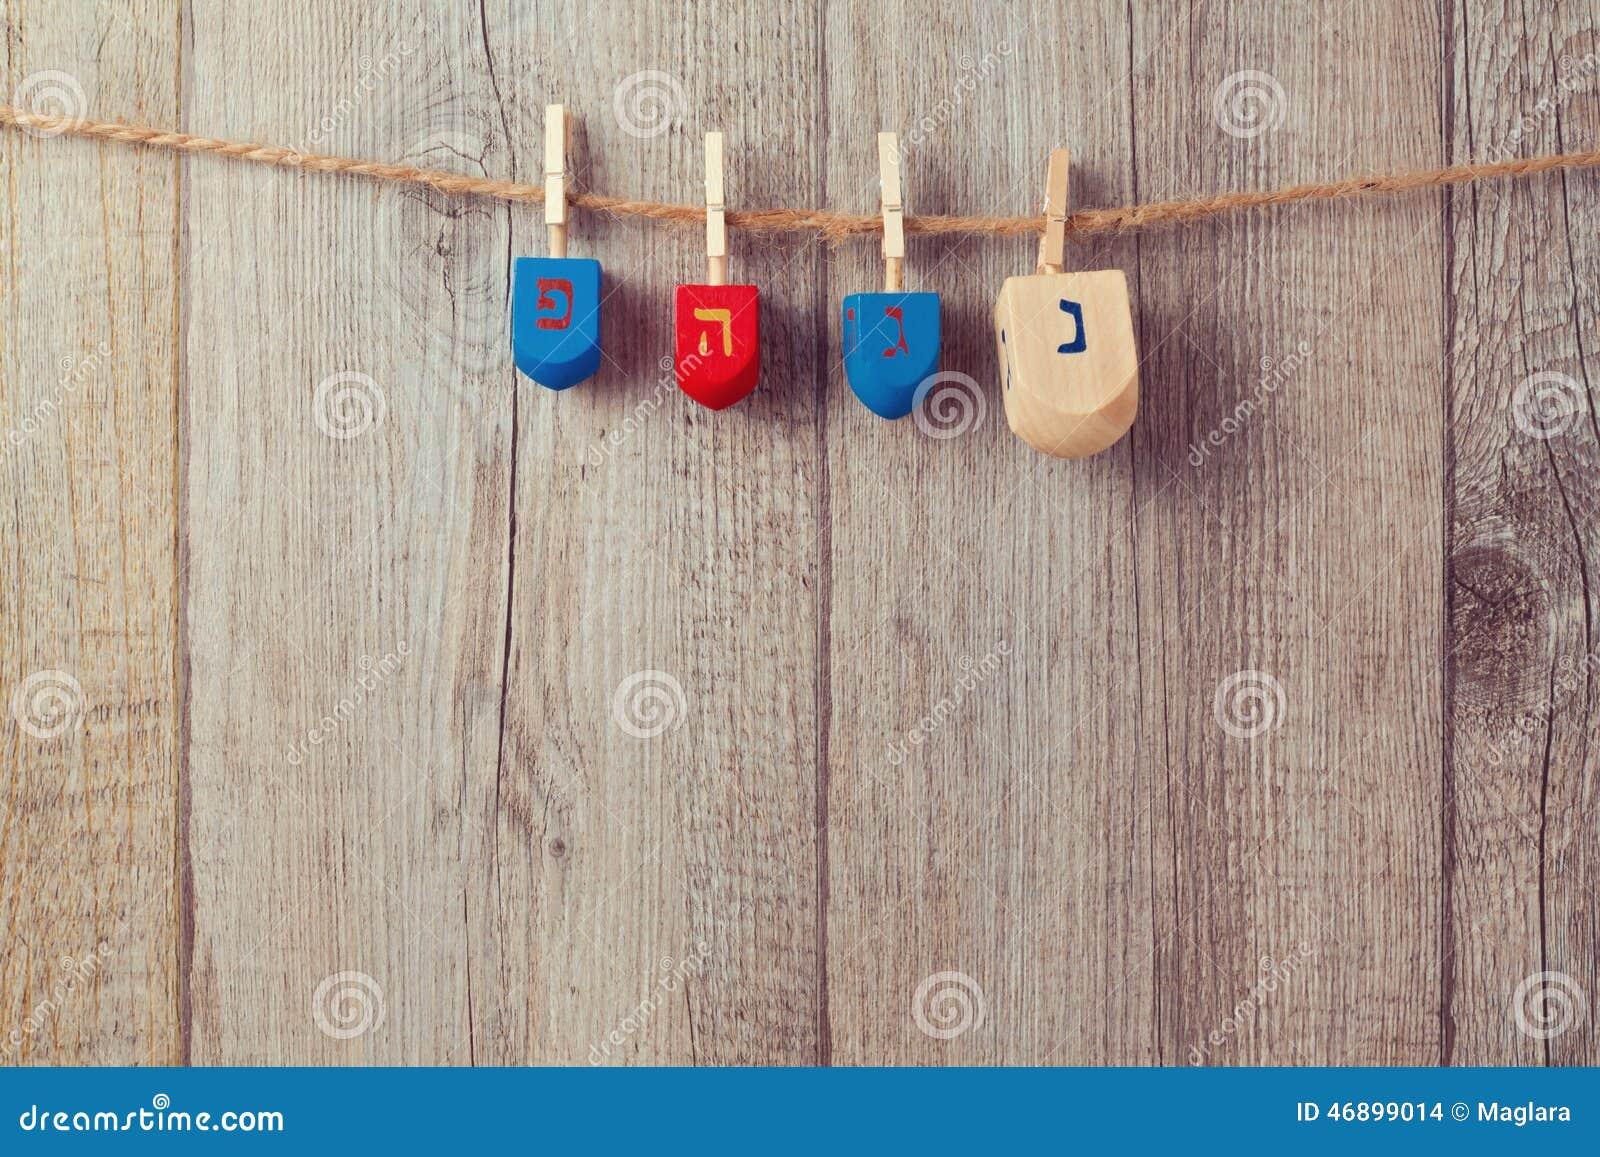 Fondo judío de Jánuca del día de fiesta con la ejecución de madera del top de giro del dreidel en secuencia